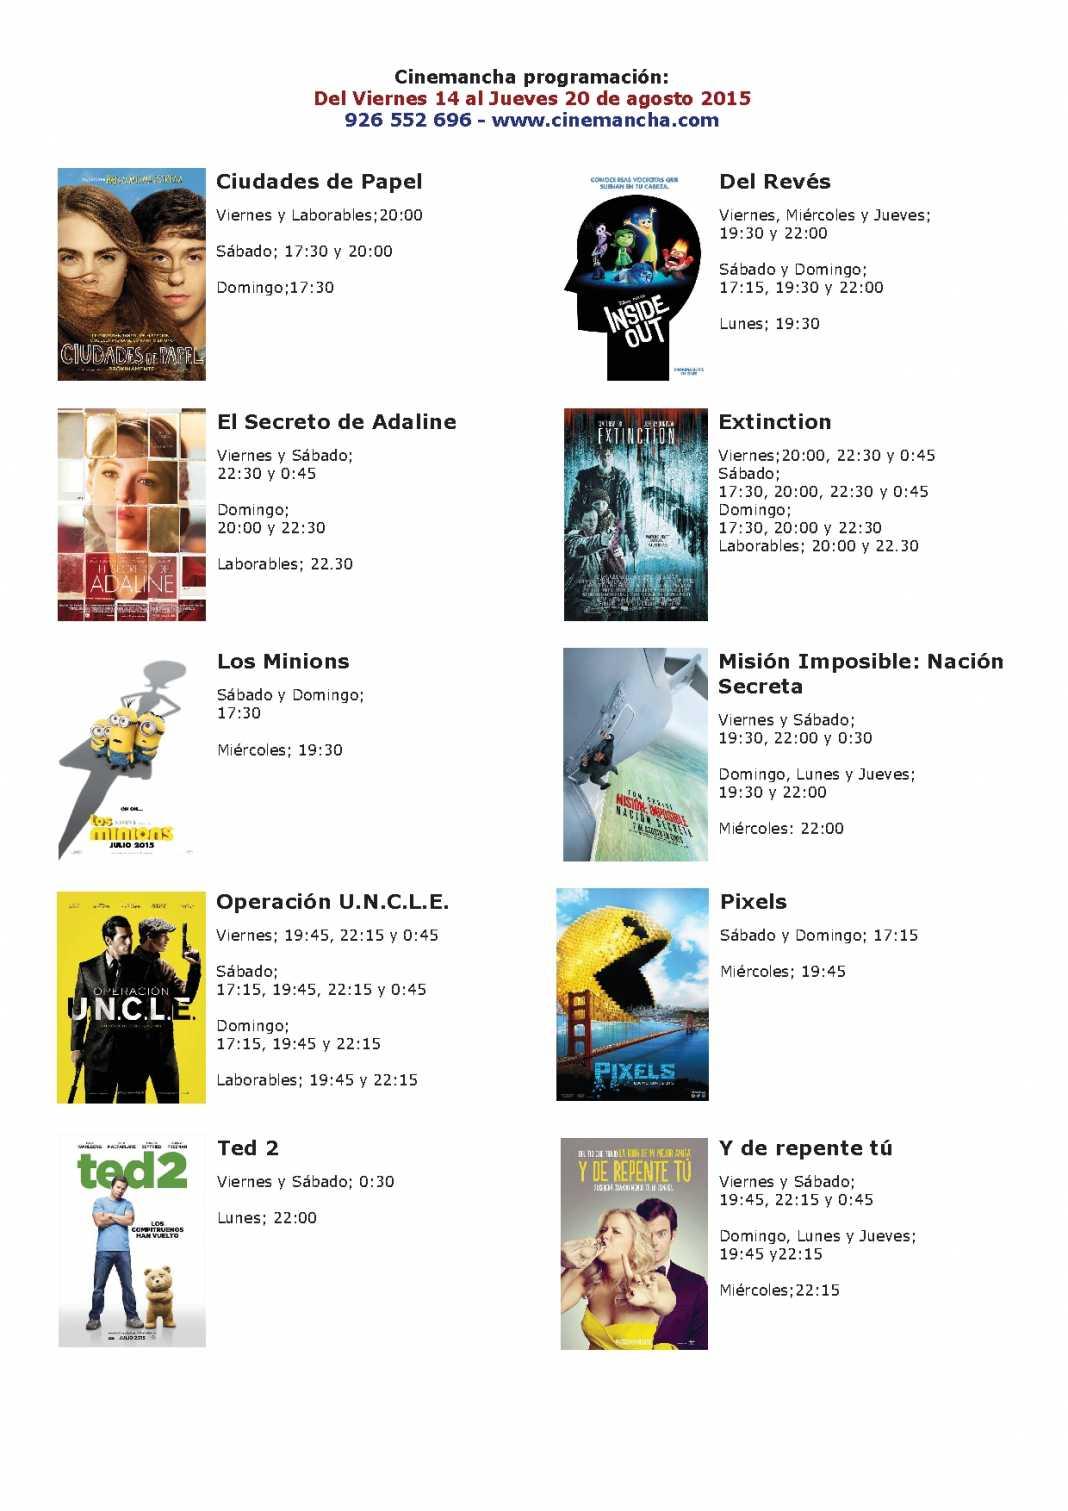 cartelera de cinemancha del 14 al 20 de Agosto 1068x1511 - Cartelera Cinemancha